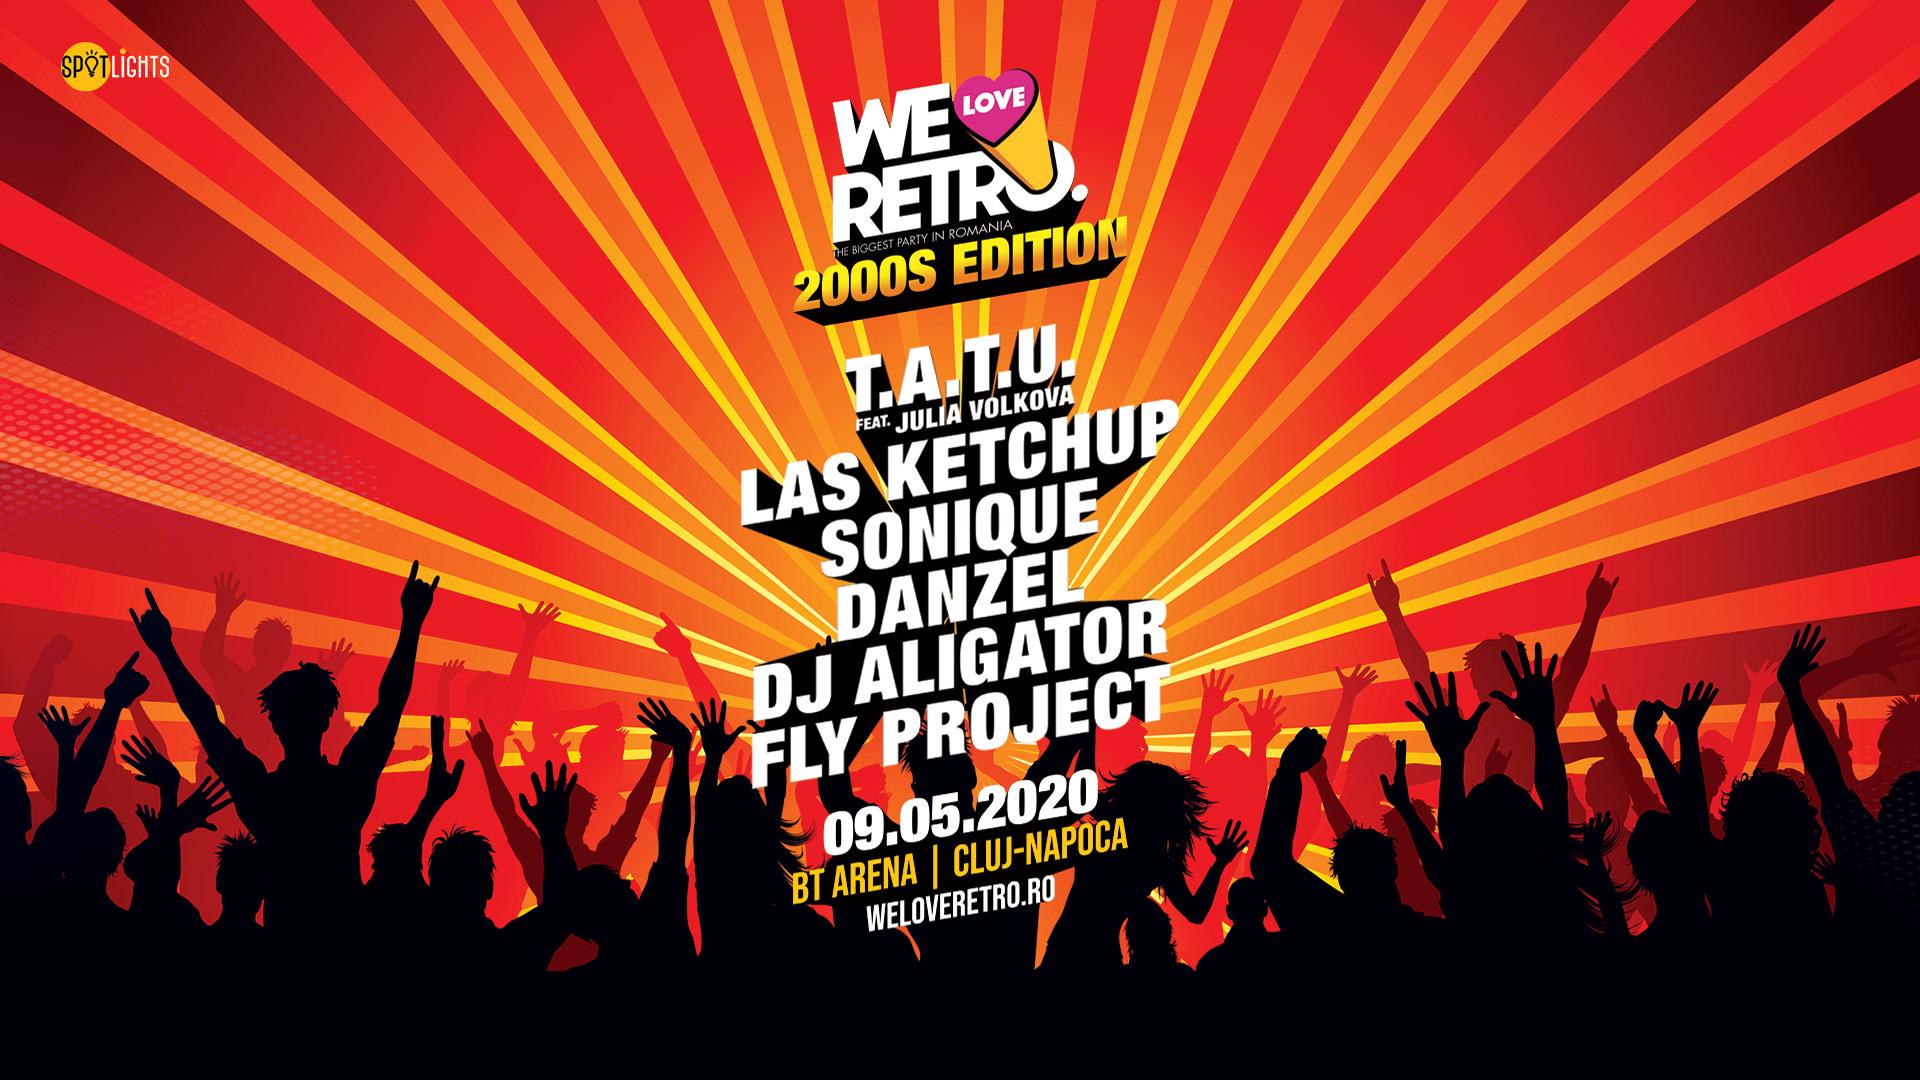 Cei mai îndrăgiți artiști ai anilor 2000 vin la We Love Retro 2000's, la BT ARENA, pe 9 mai